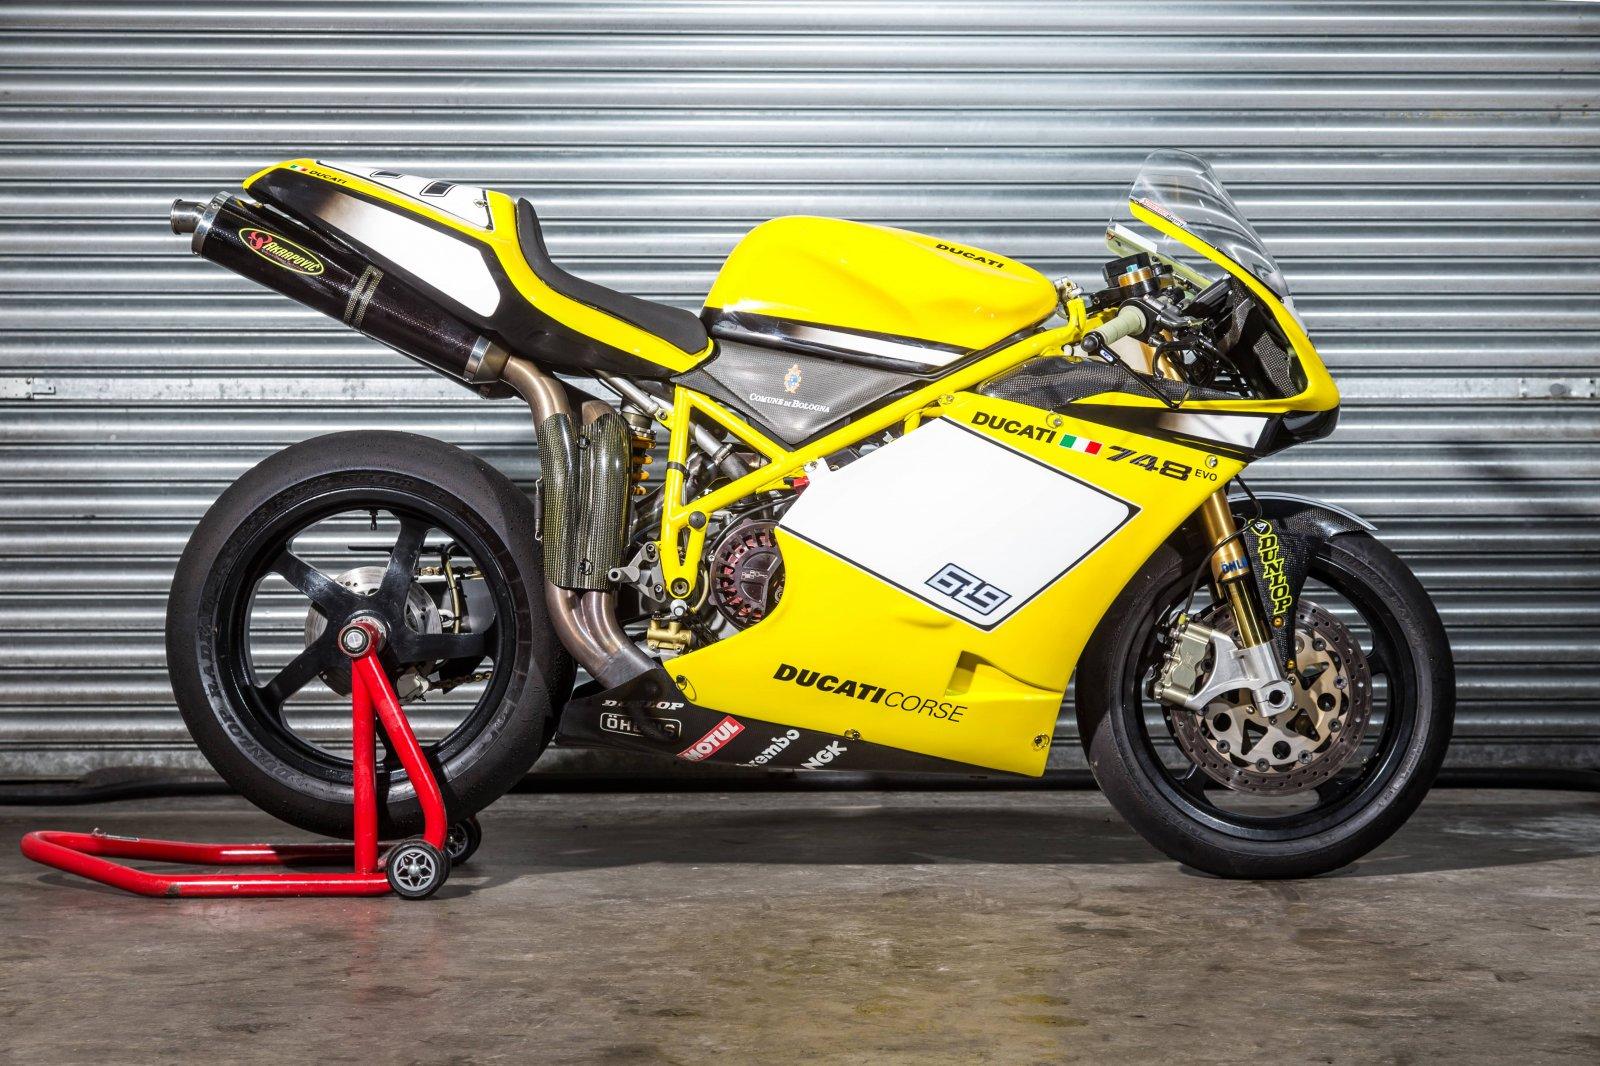 PB Ducati 748 Special-51-min.jpg